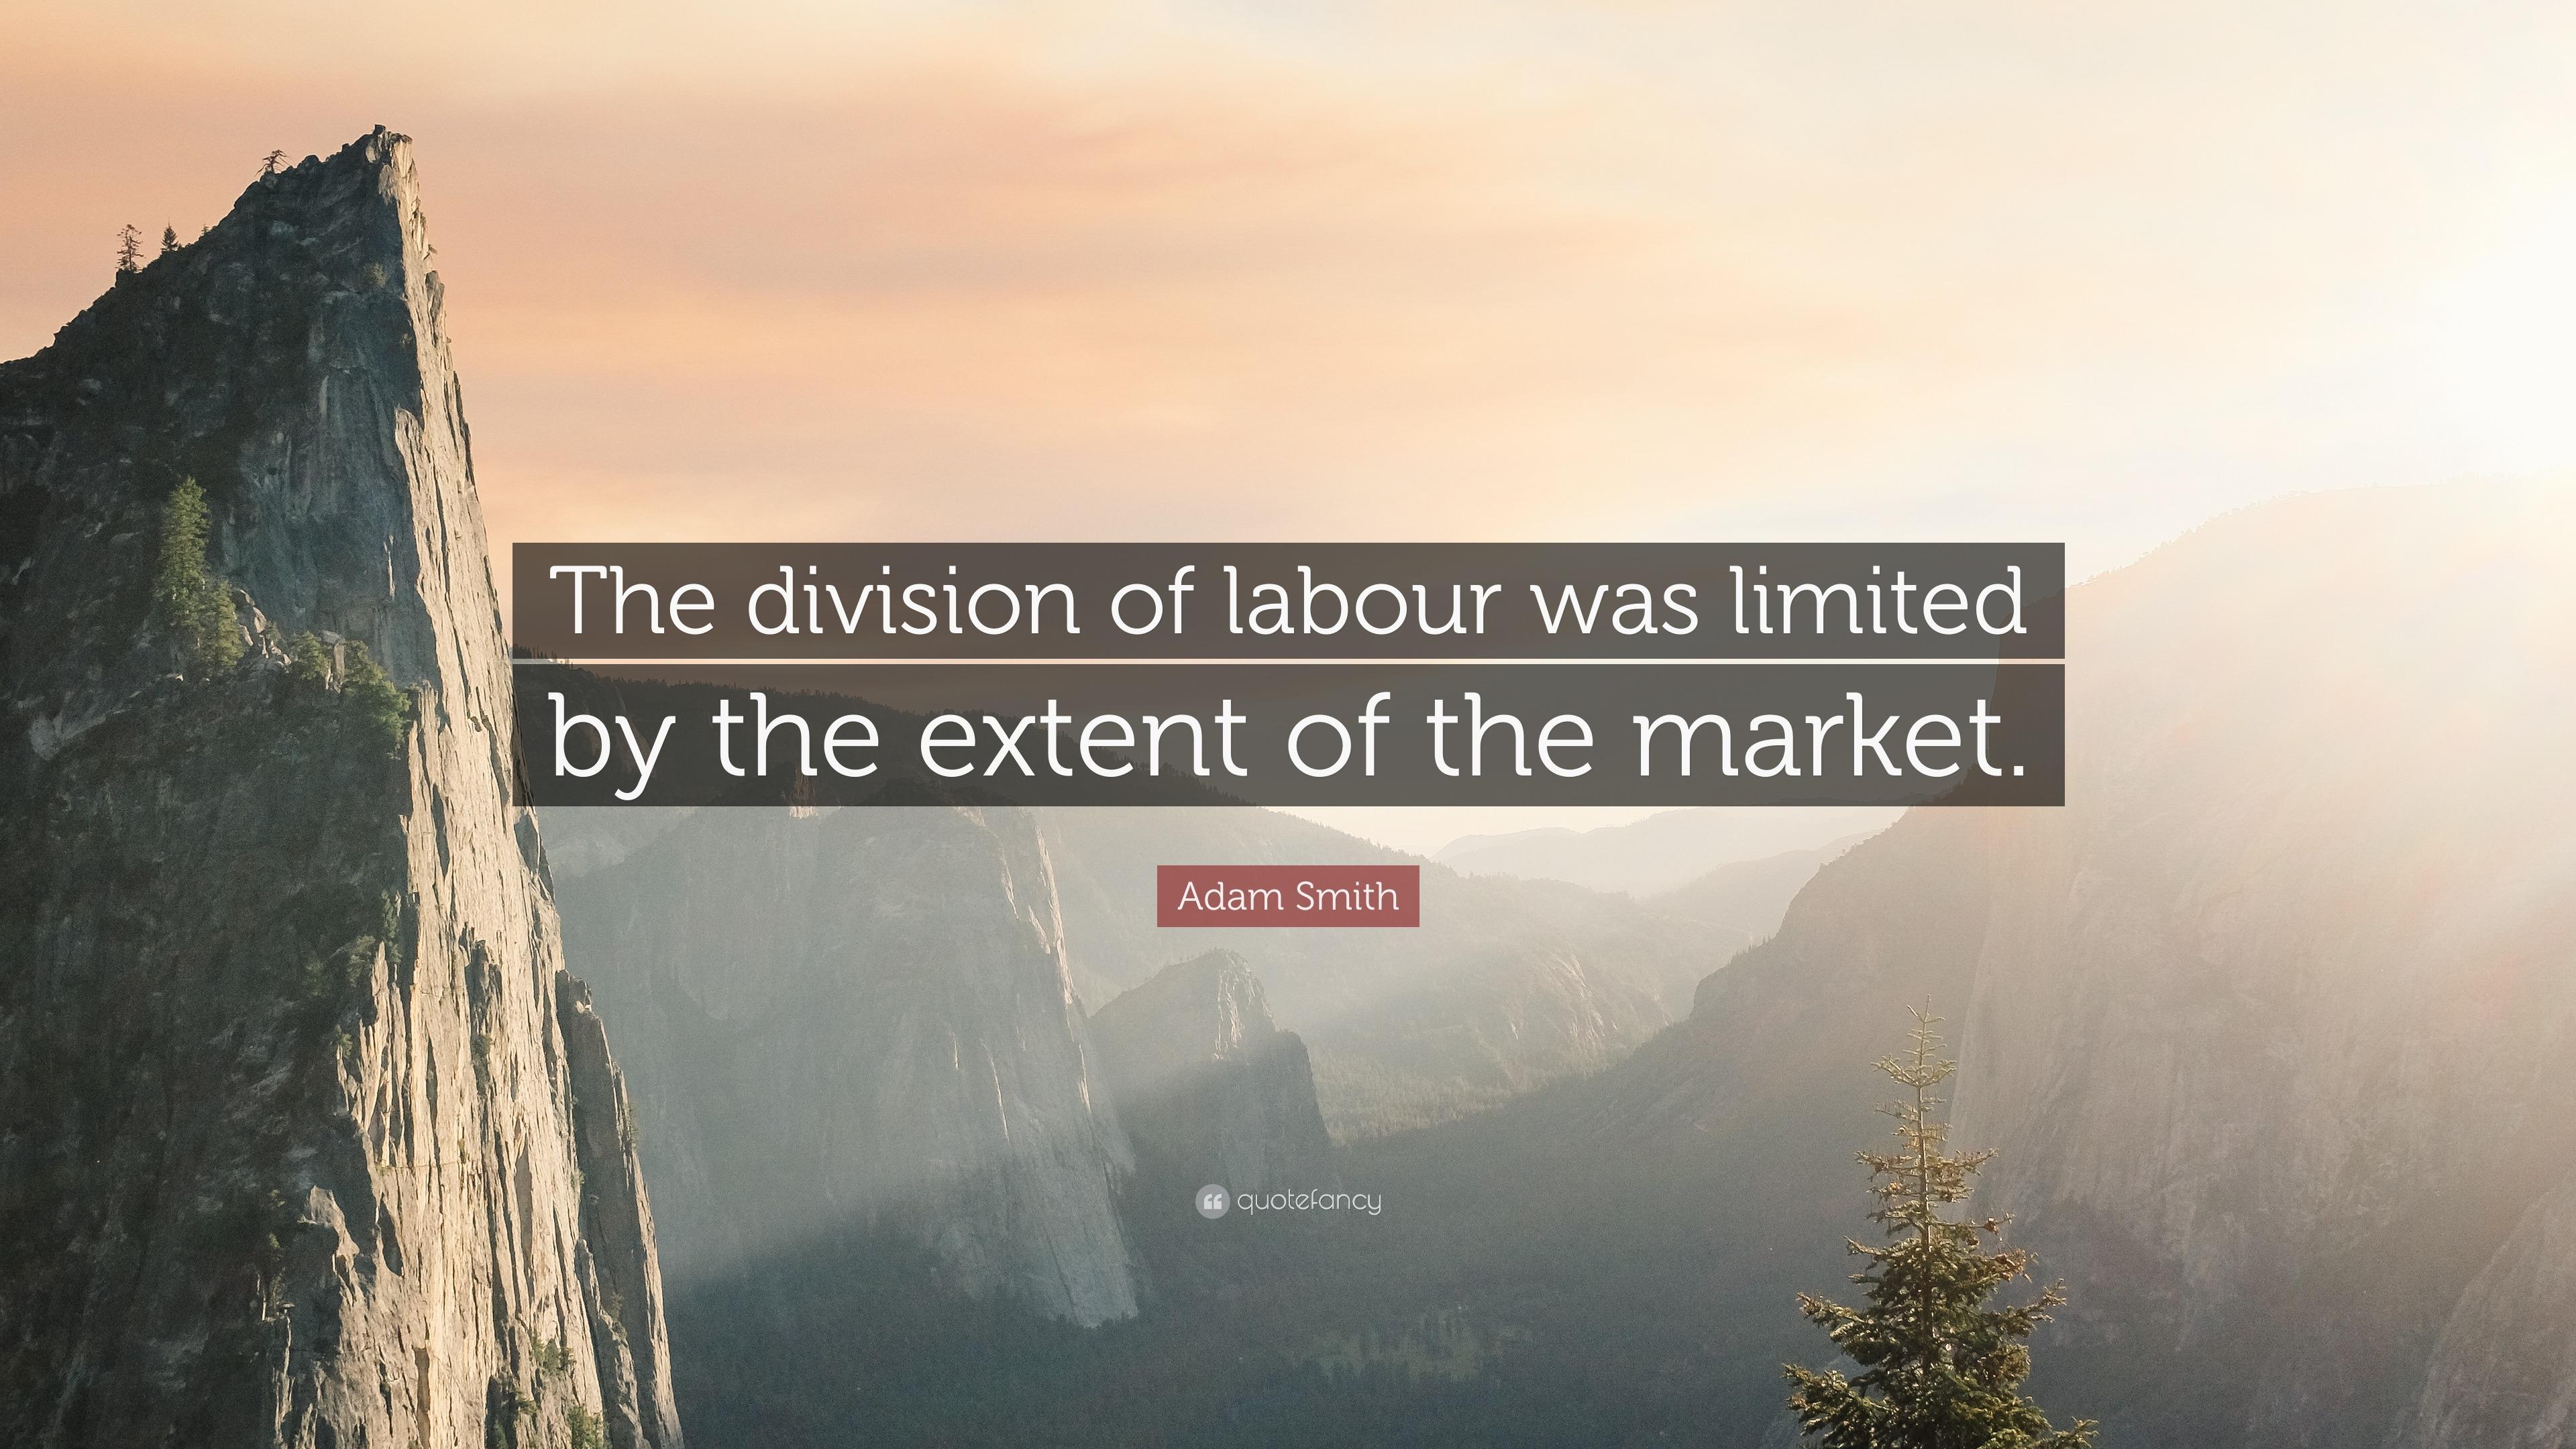 adam smith the division of labor